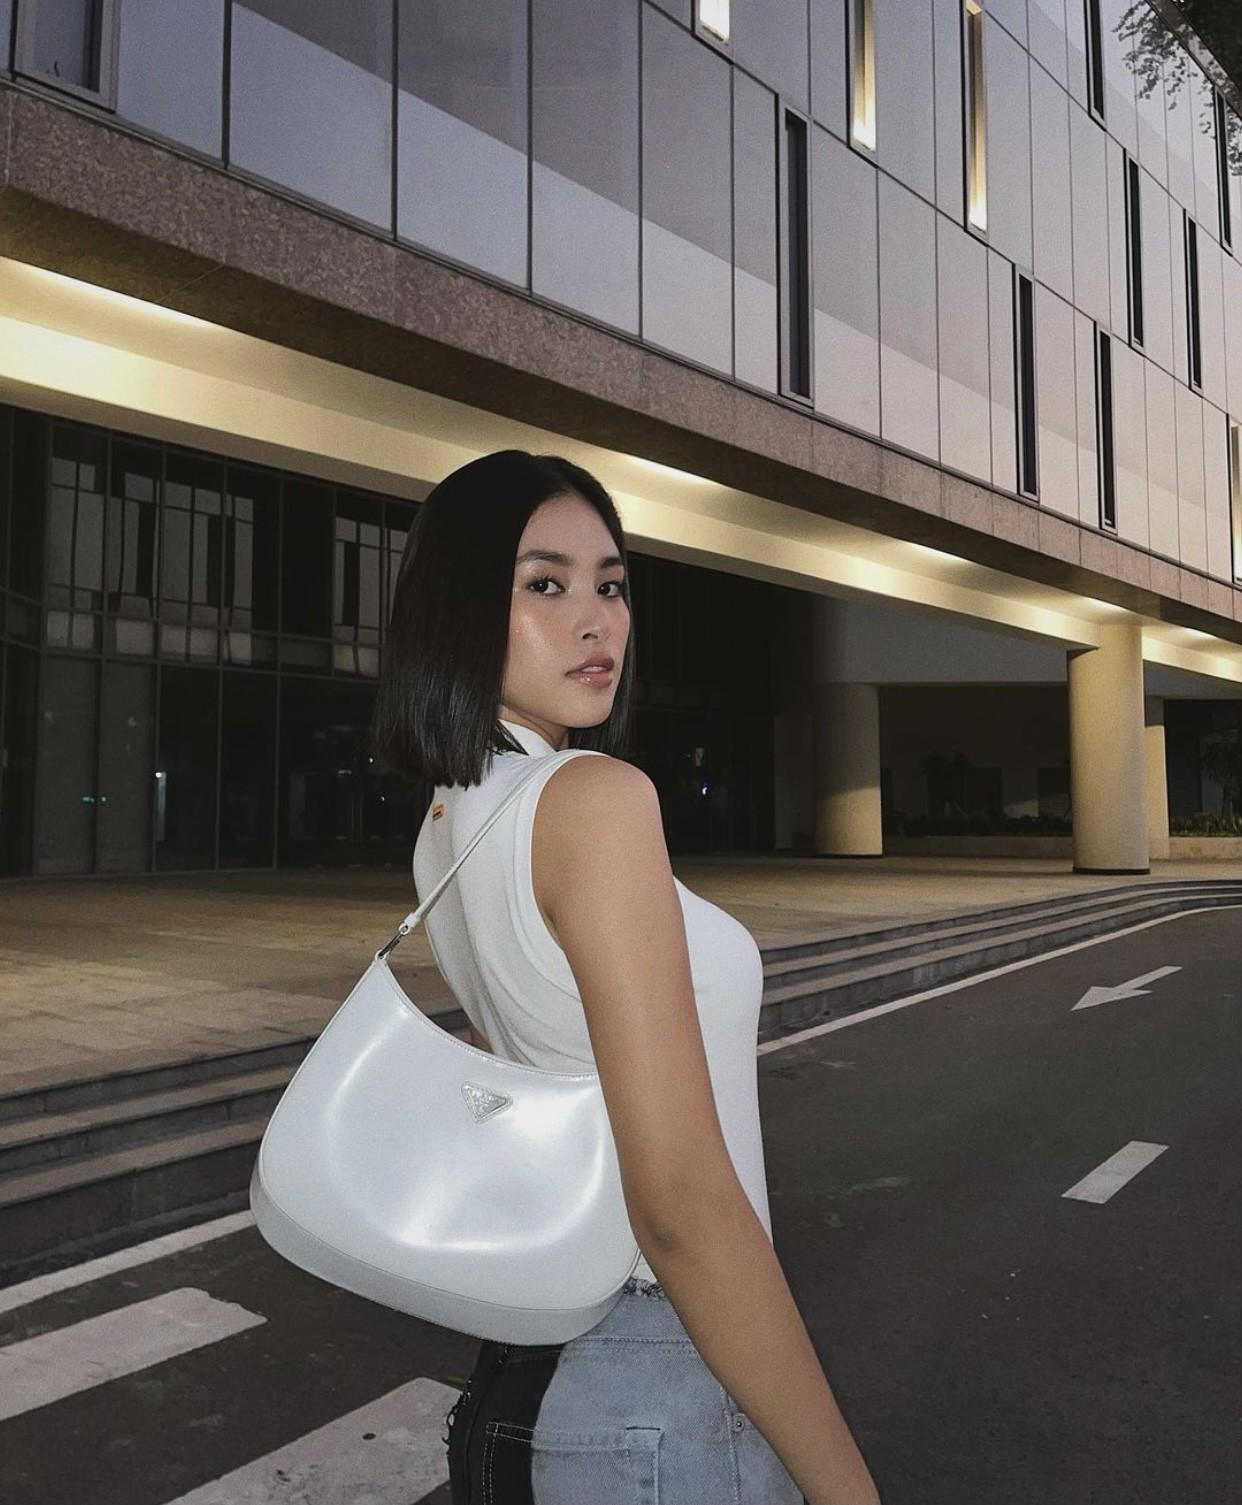 Hoa hậu Tiểu Vy mặc đơn giản vẫn đẹp hút hồn, Mai Phương Thuý diện váy cúp ngực nóng bỏng ảnh 2